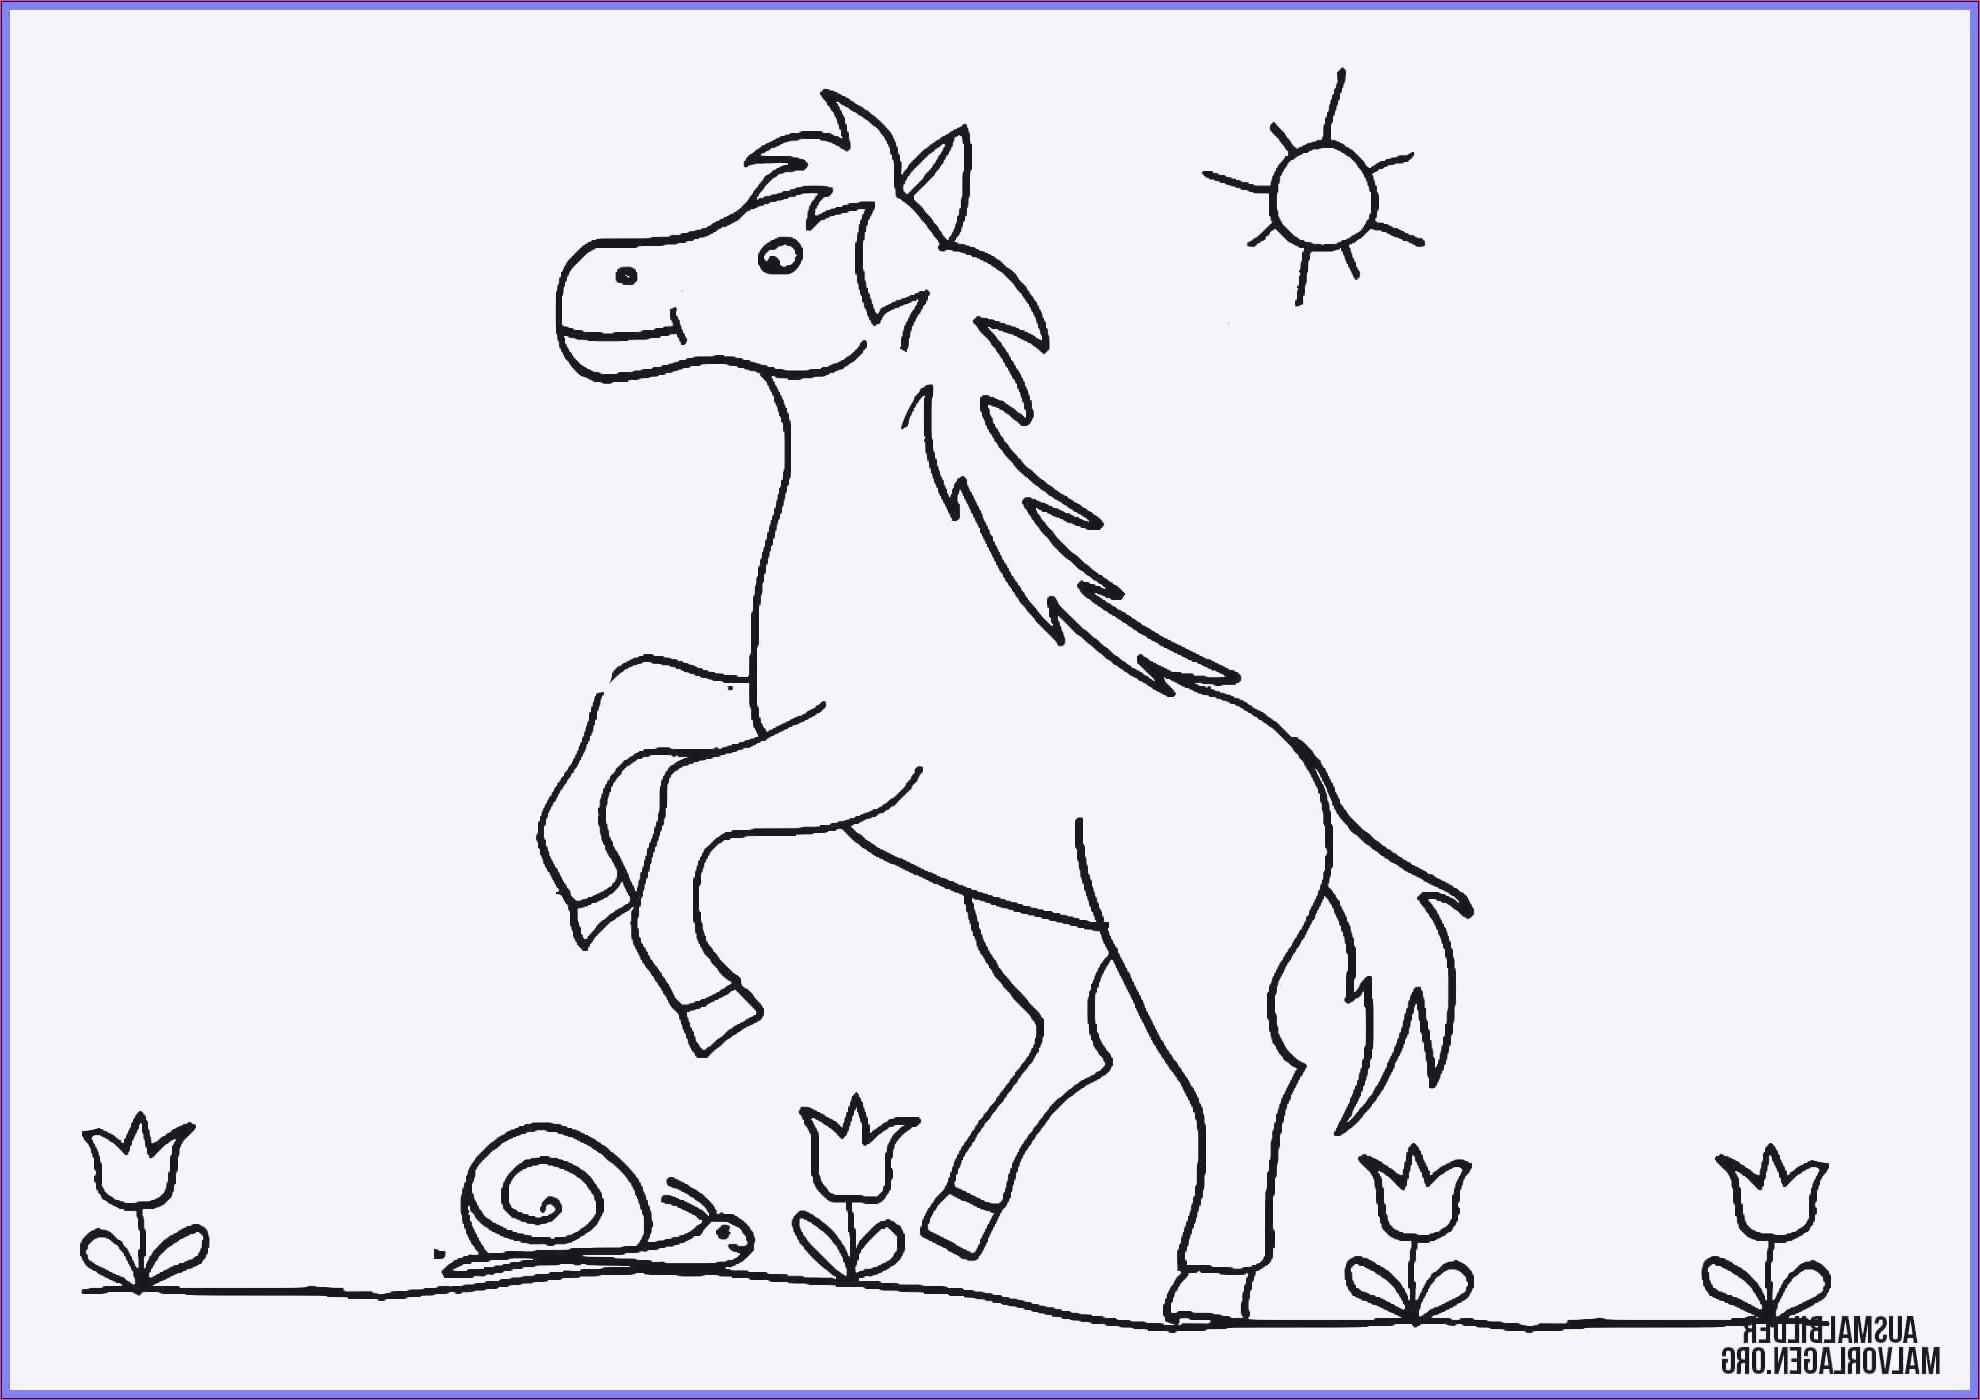 Ausmalbilder Pferde Turnier Frisch 30 Frisch Kostenlose Ausmalbilder Pferde – Malvorlagen Ideen Bilder